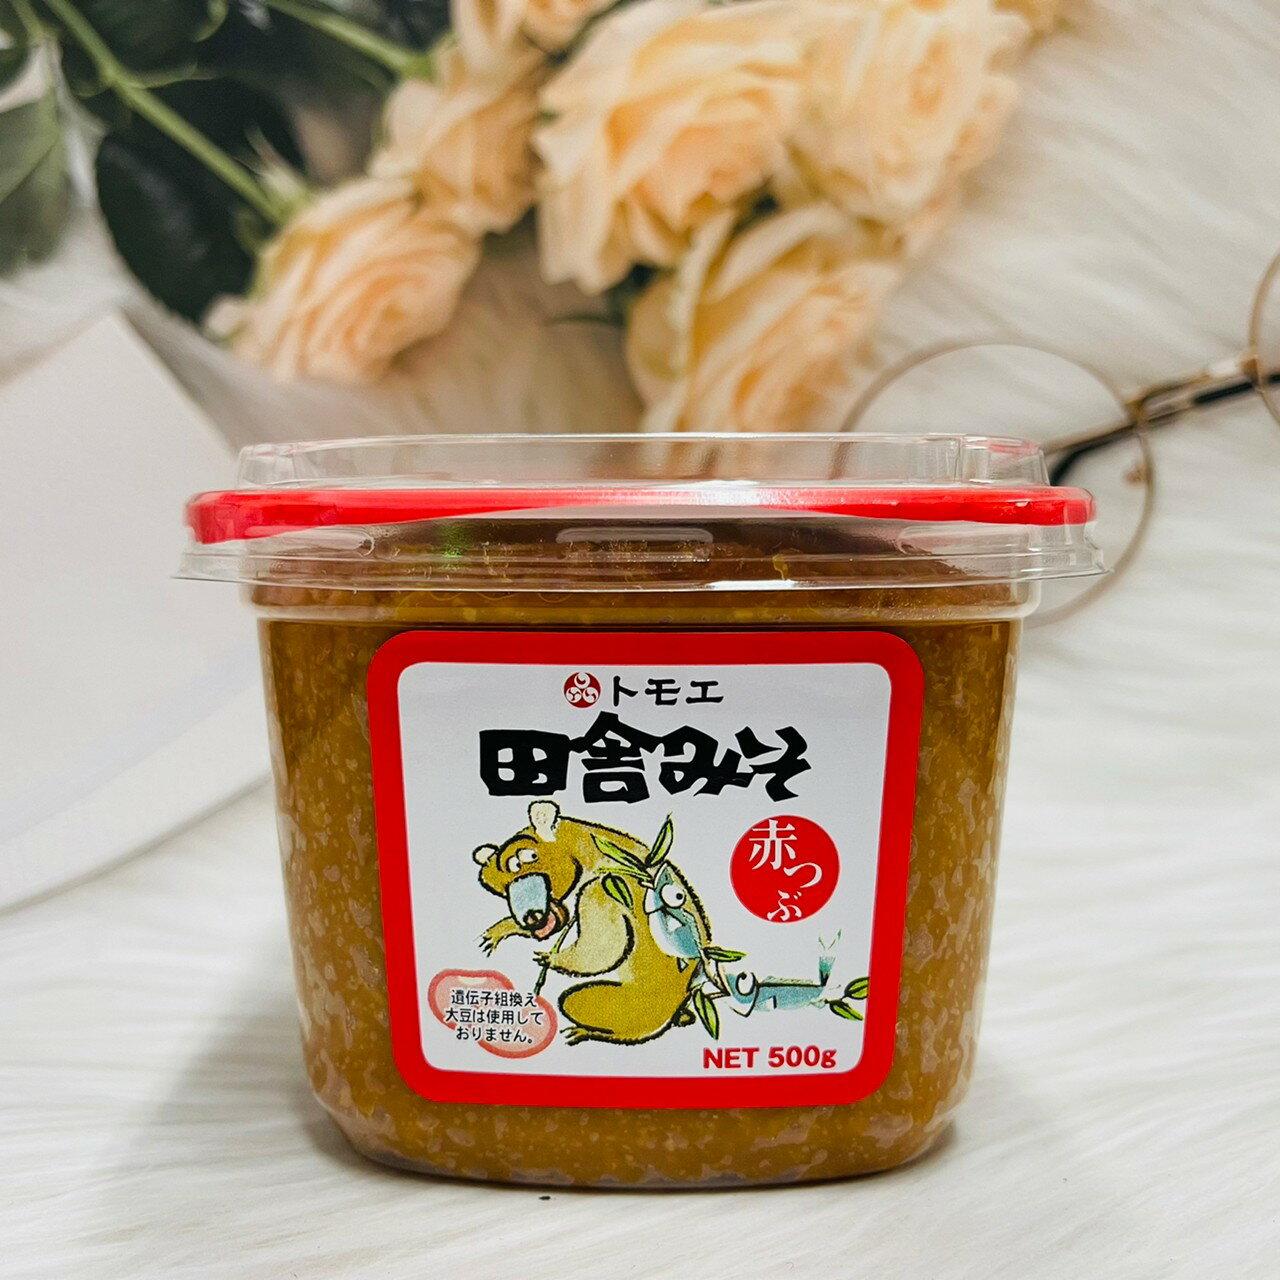 日本 田舍味噌 白味噌 赤味噌 柴魚味噌 500g   (綠-白味噌/橘-白粗味噌/紅-赤味噌/田舍柴魚味噌)